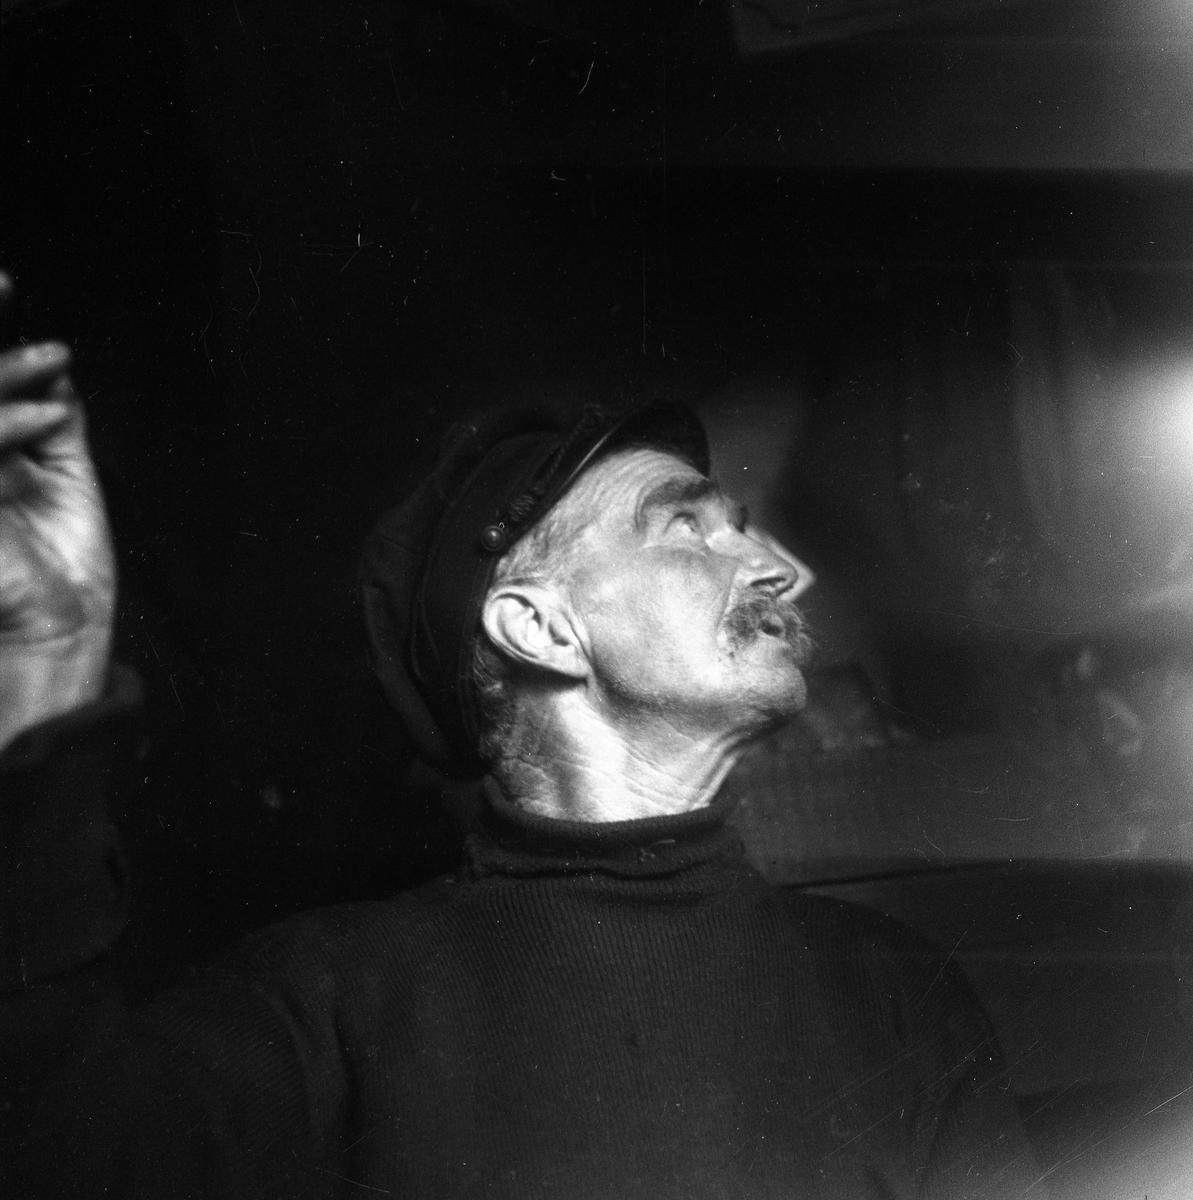 """Bror och Karl Andersson i sin hemsnickrade stuga som var tillverkad av lådor från J P Nyströms orgelfabrik och låg på Kaplansholmen i östra älvgrenens delta. De gick även under namnen """"Brollan"""" och """"Kalle Geta"""". Bröderna livnärde sig som fiskare och sålde dagens fångst vid strandhugg inne i Haga. Mer att läsa om bröderna finns i Morgan Larssons bok: Karlstadsoriginal. Bilden togs 1941."""